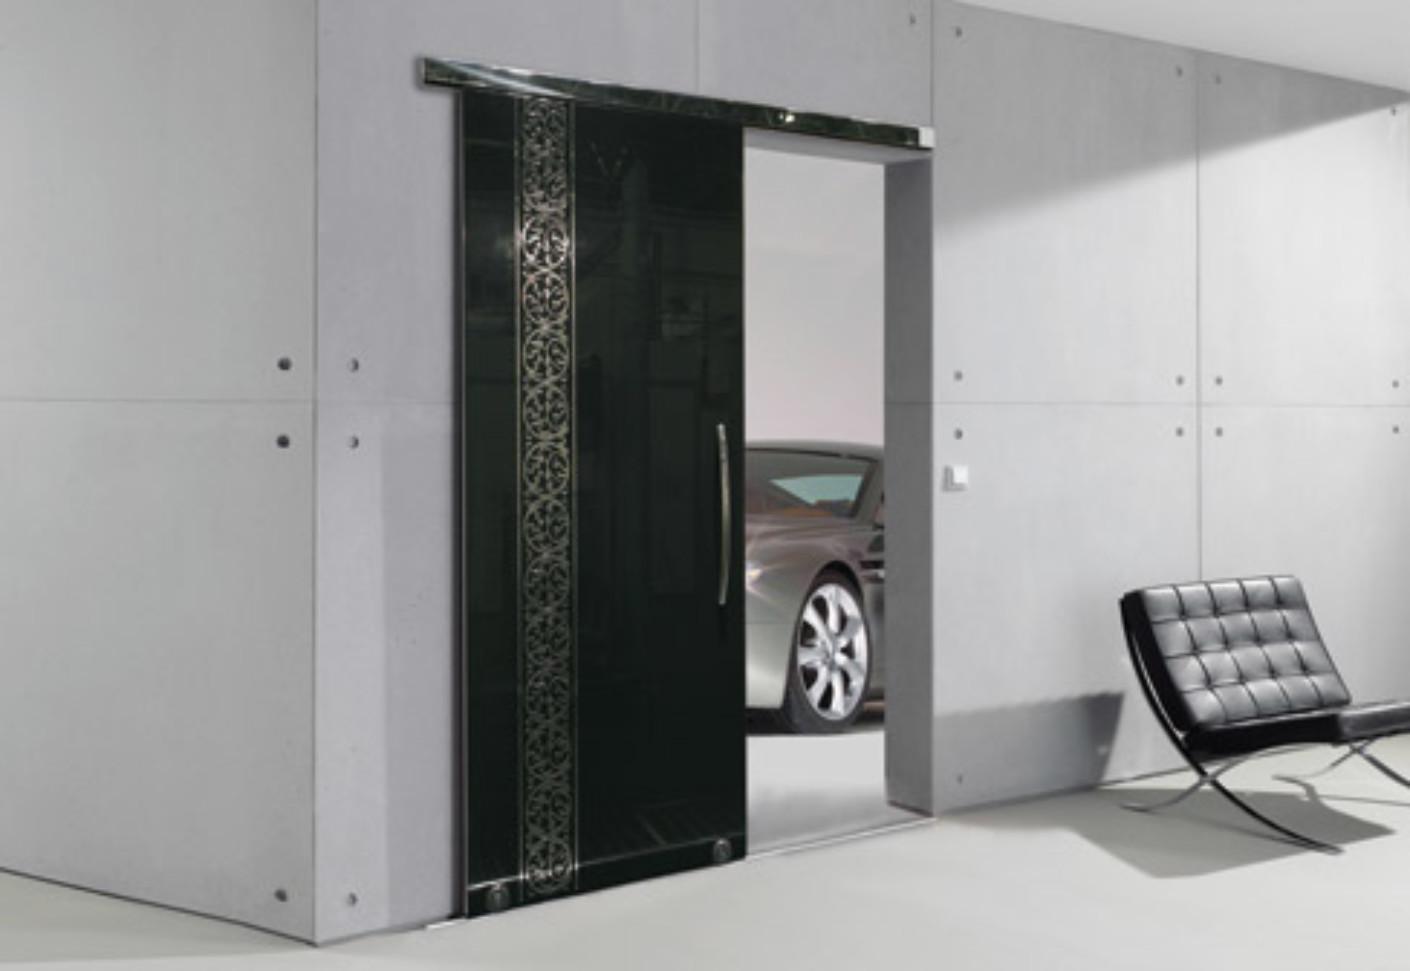 Terra h sliding door system by mwe stylepark for Sliding door for kitchen entrance